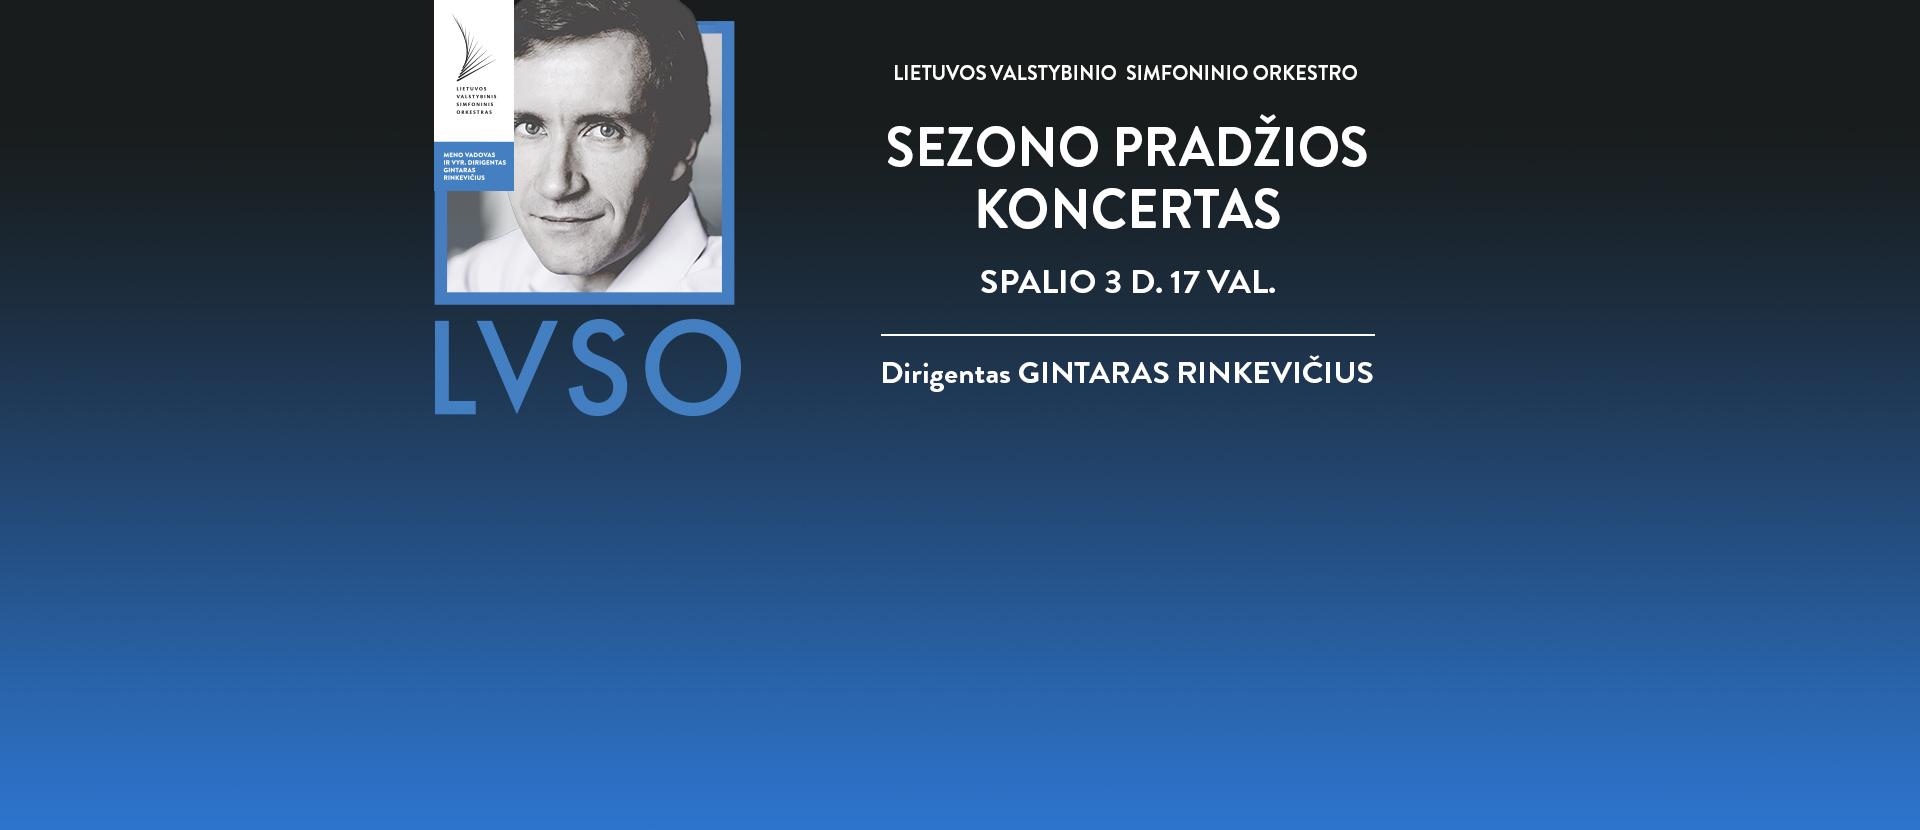 LVSO   SEZONO PRADŽIOS KONCERTAS (Įėjimas į renginius tik su Galimybių pasu)